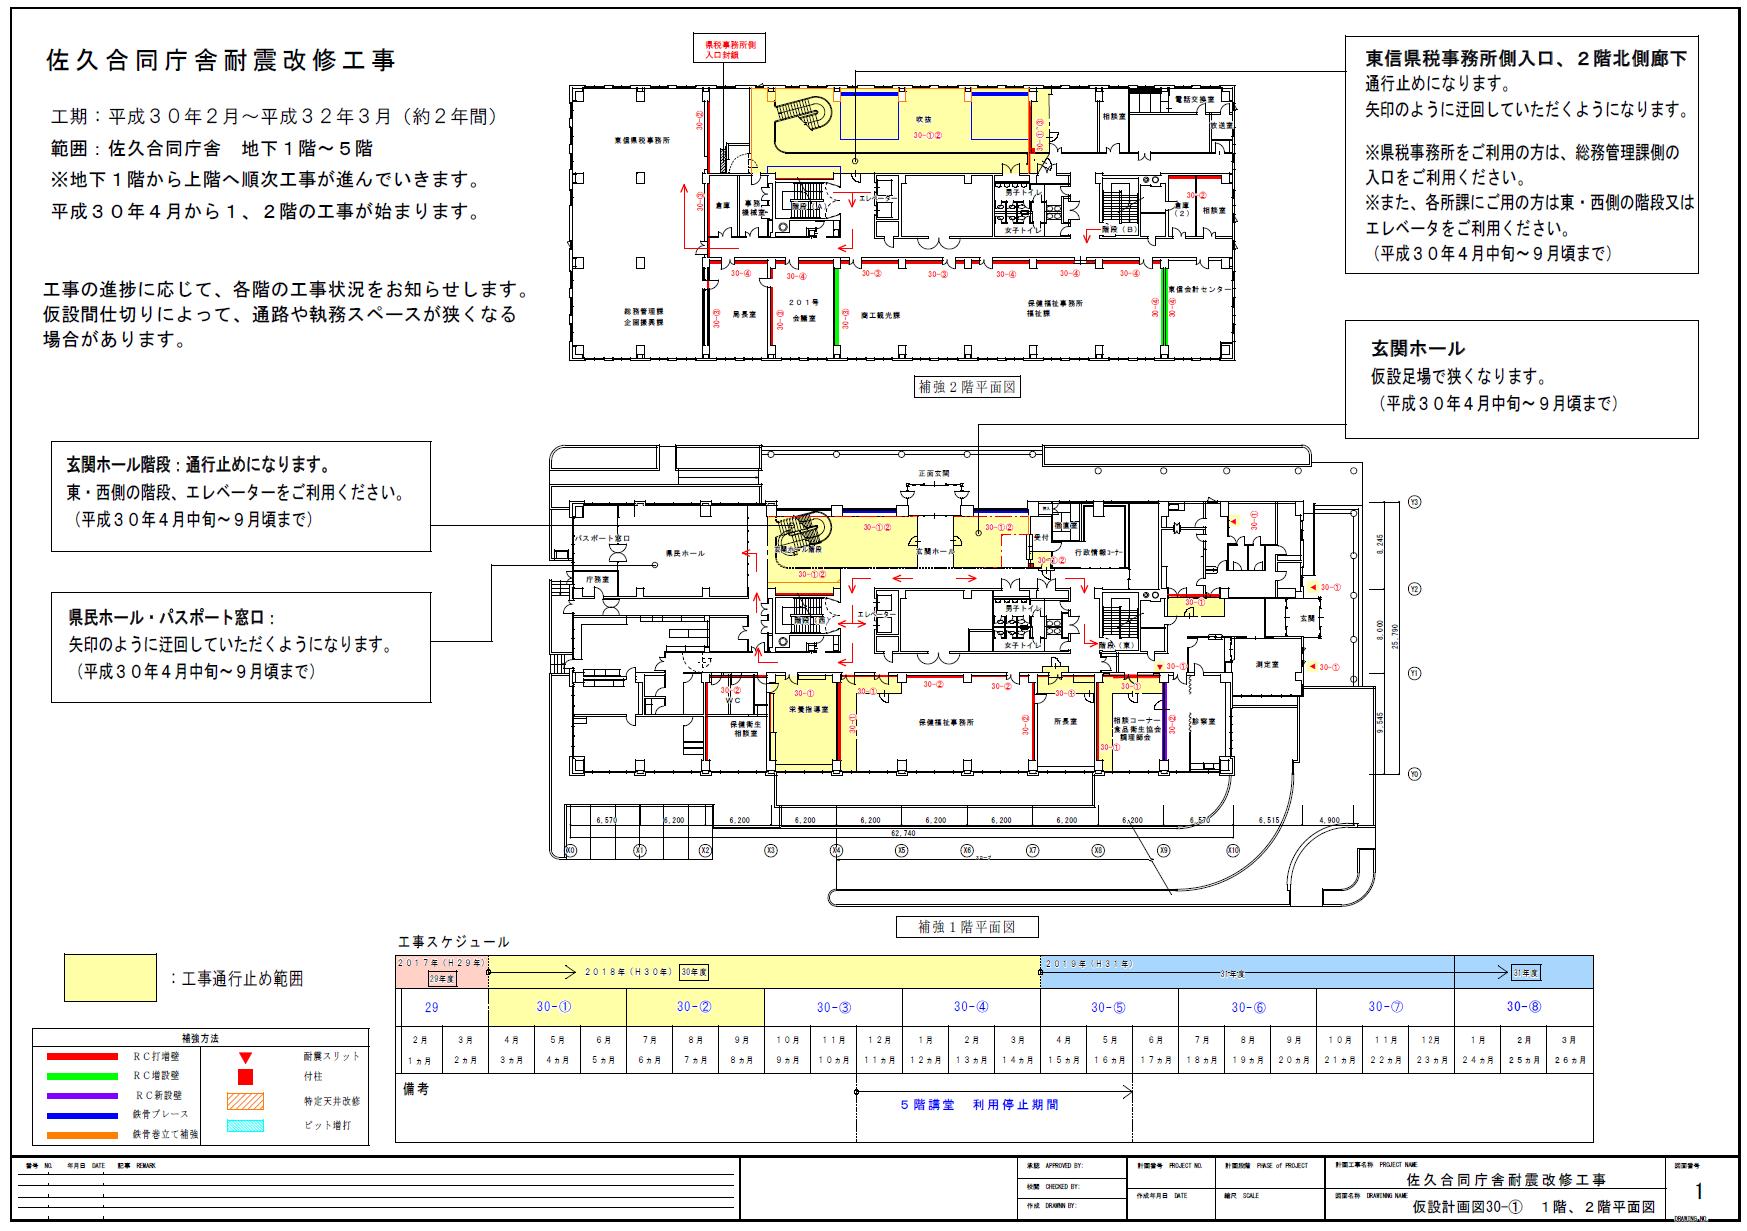 佐久合同庁舎耐震改修工事